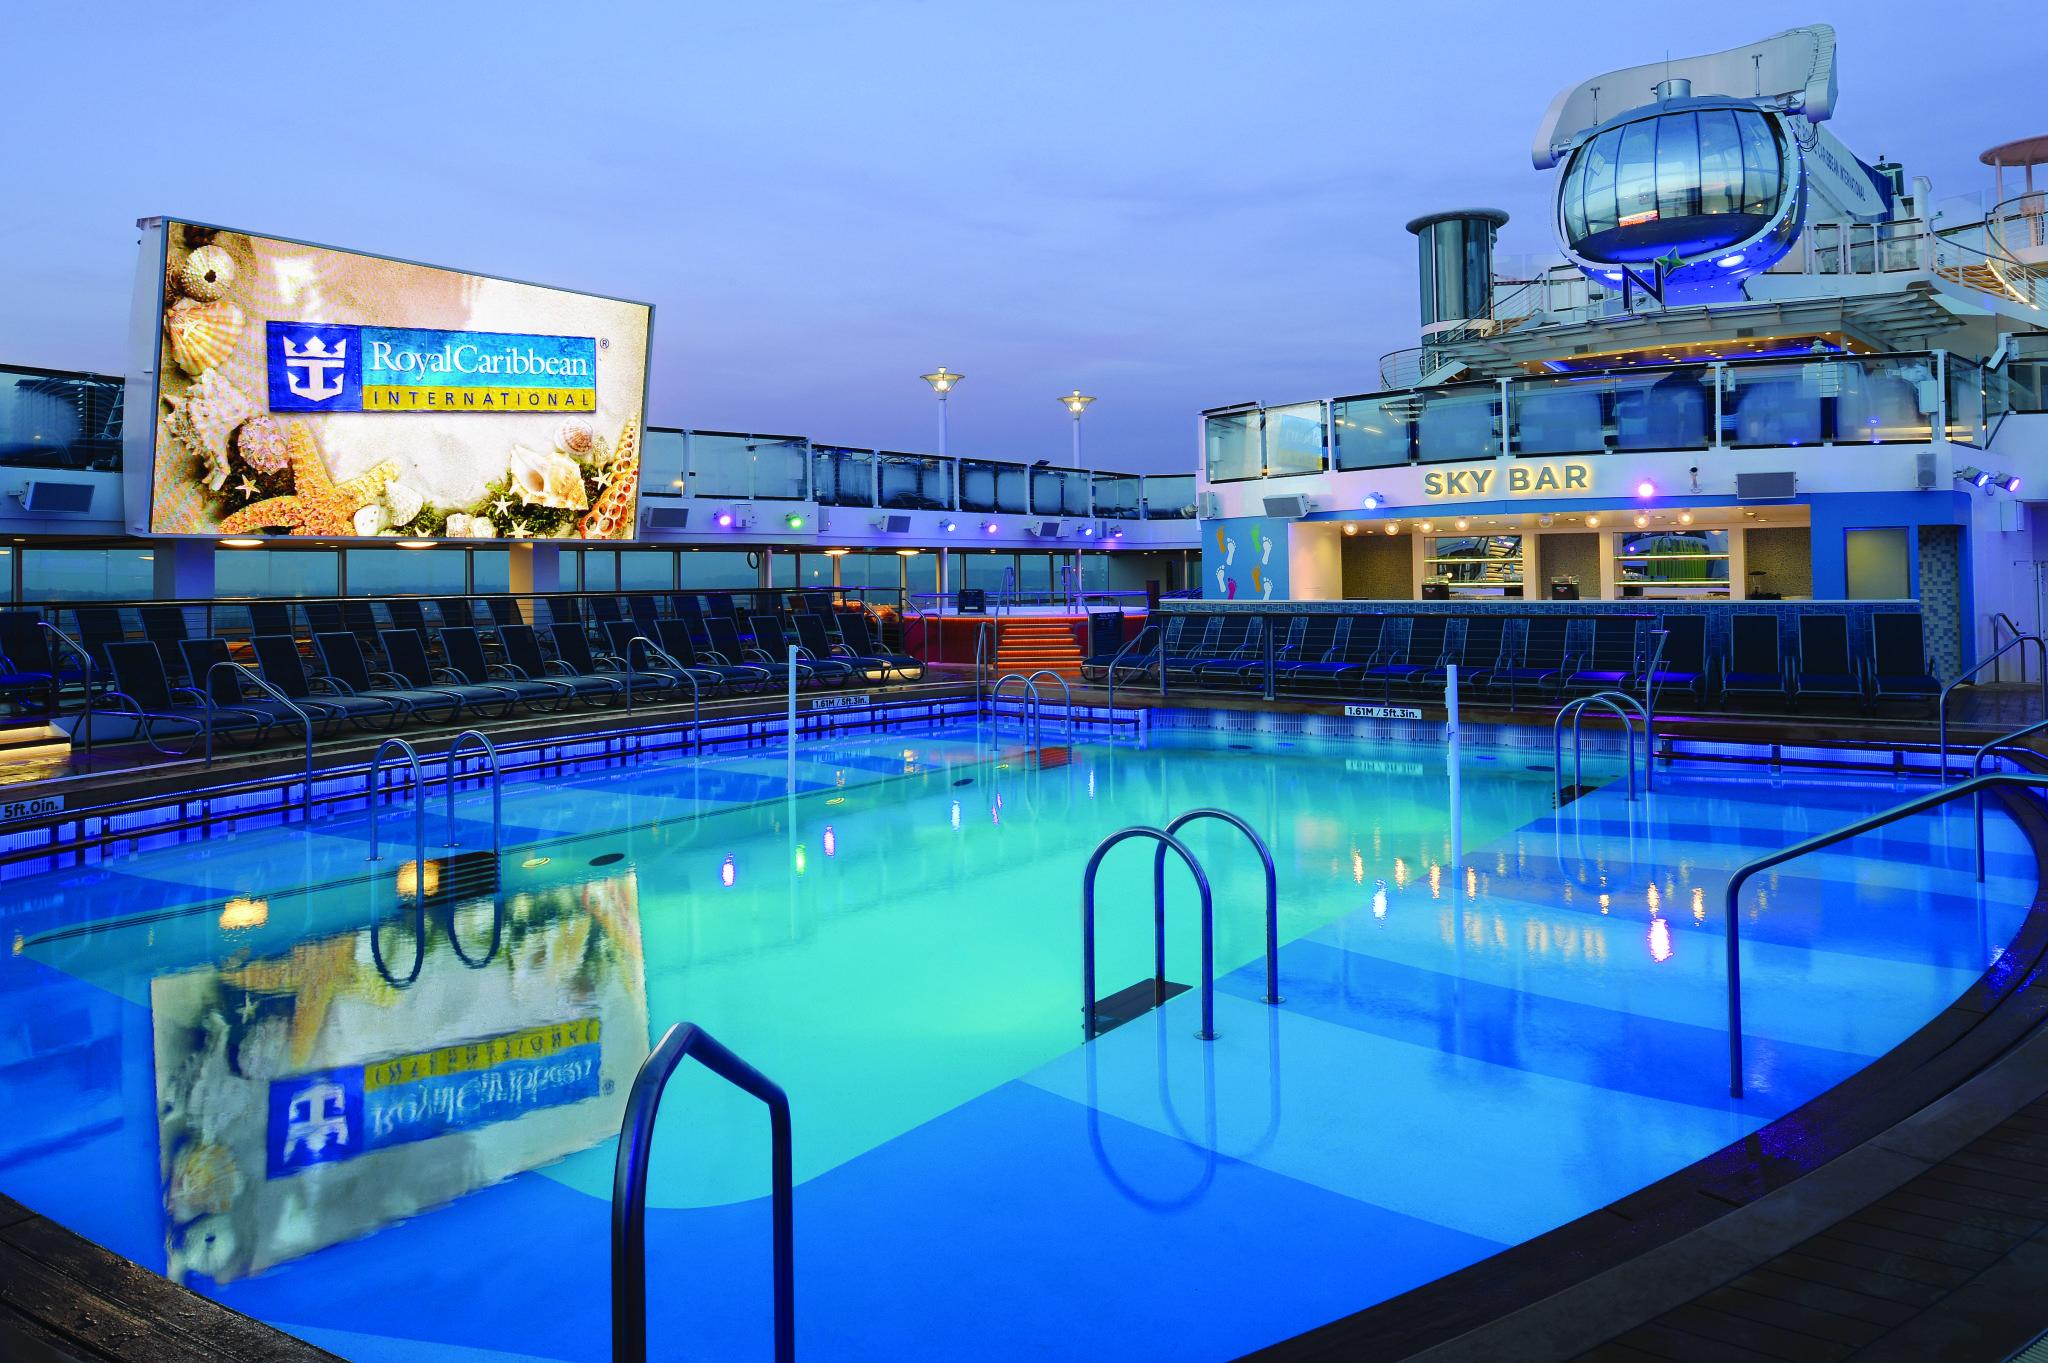 Philadelphia MS Casinos Silverstar Casino at Pearl River